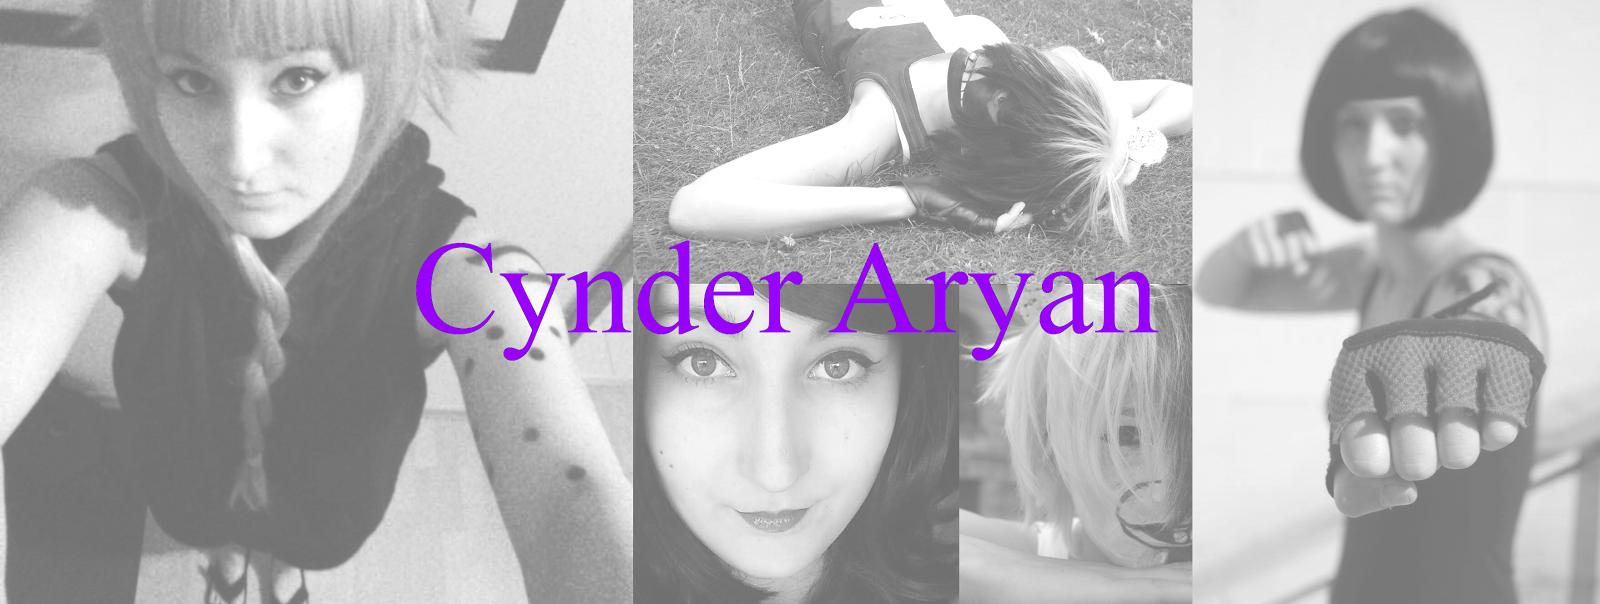 Cynder Aryan